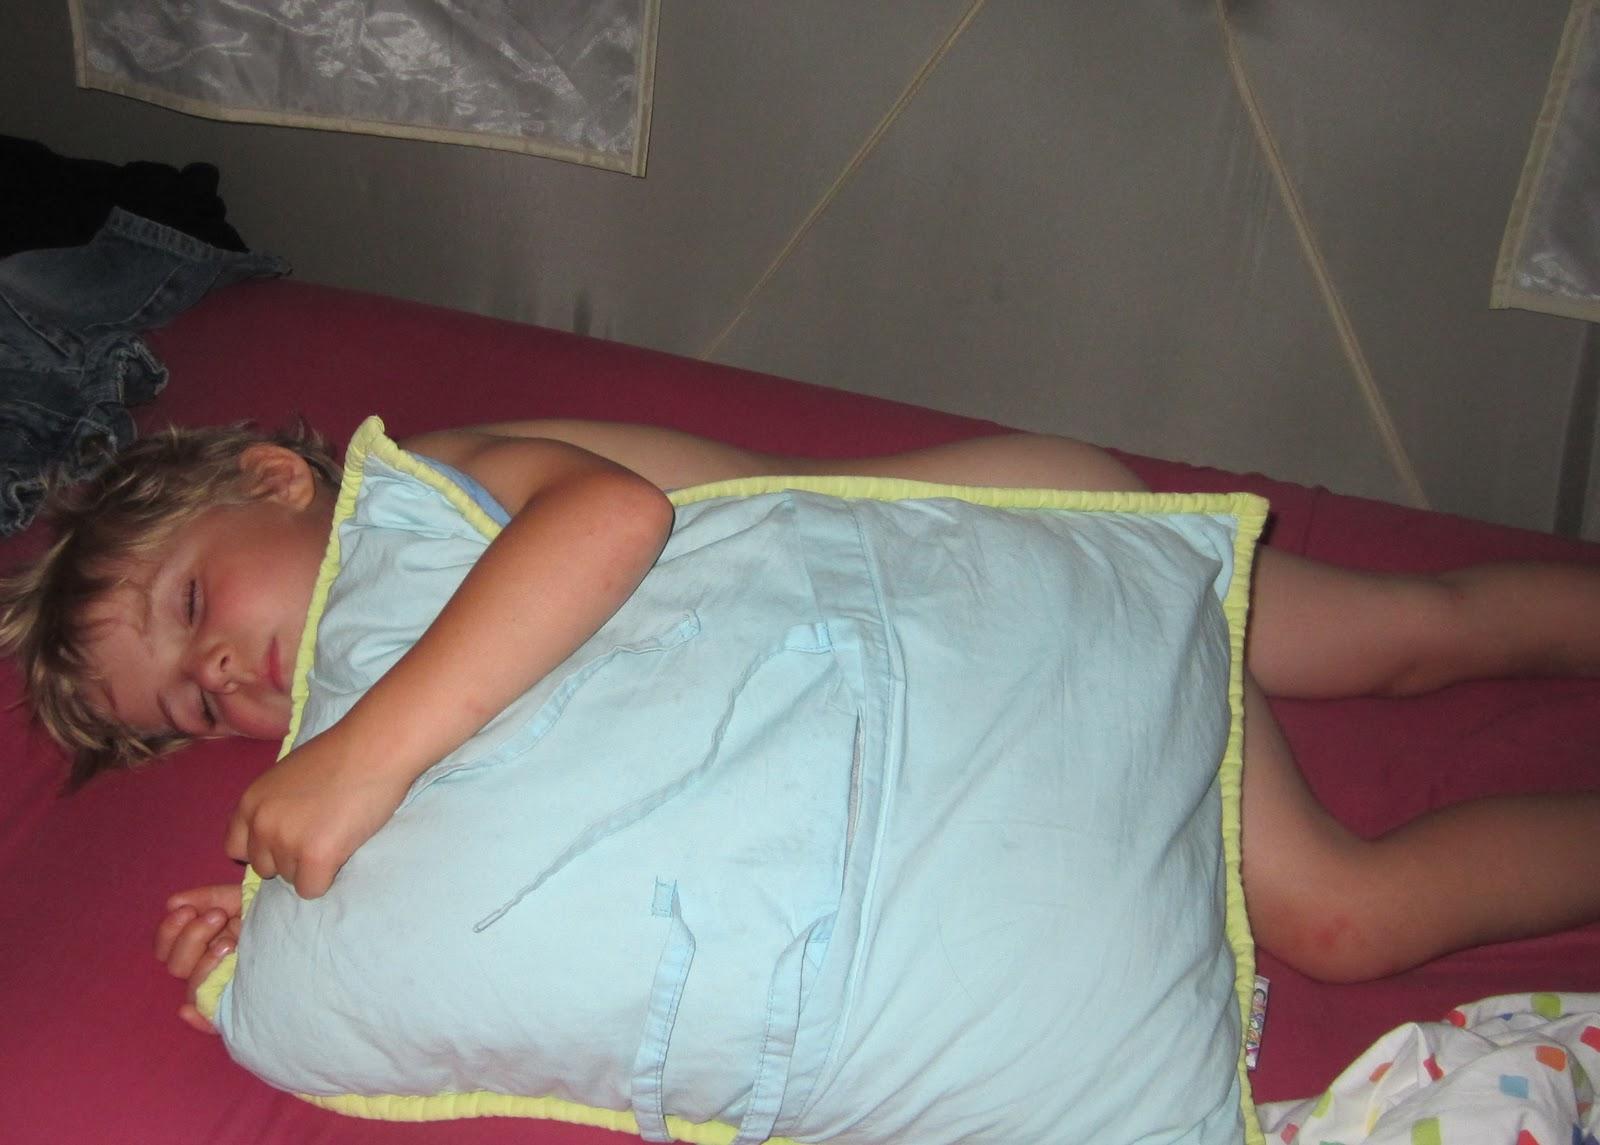 young boy sleeping naked